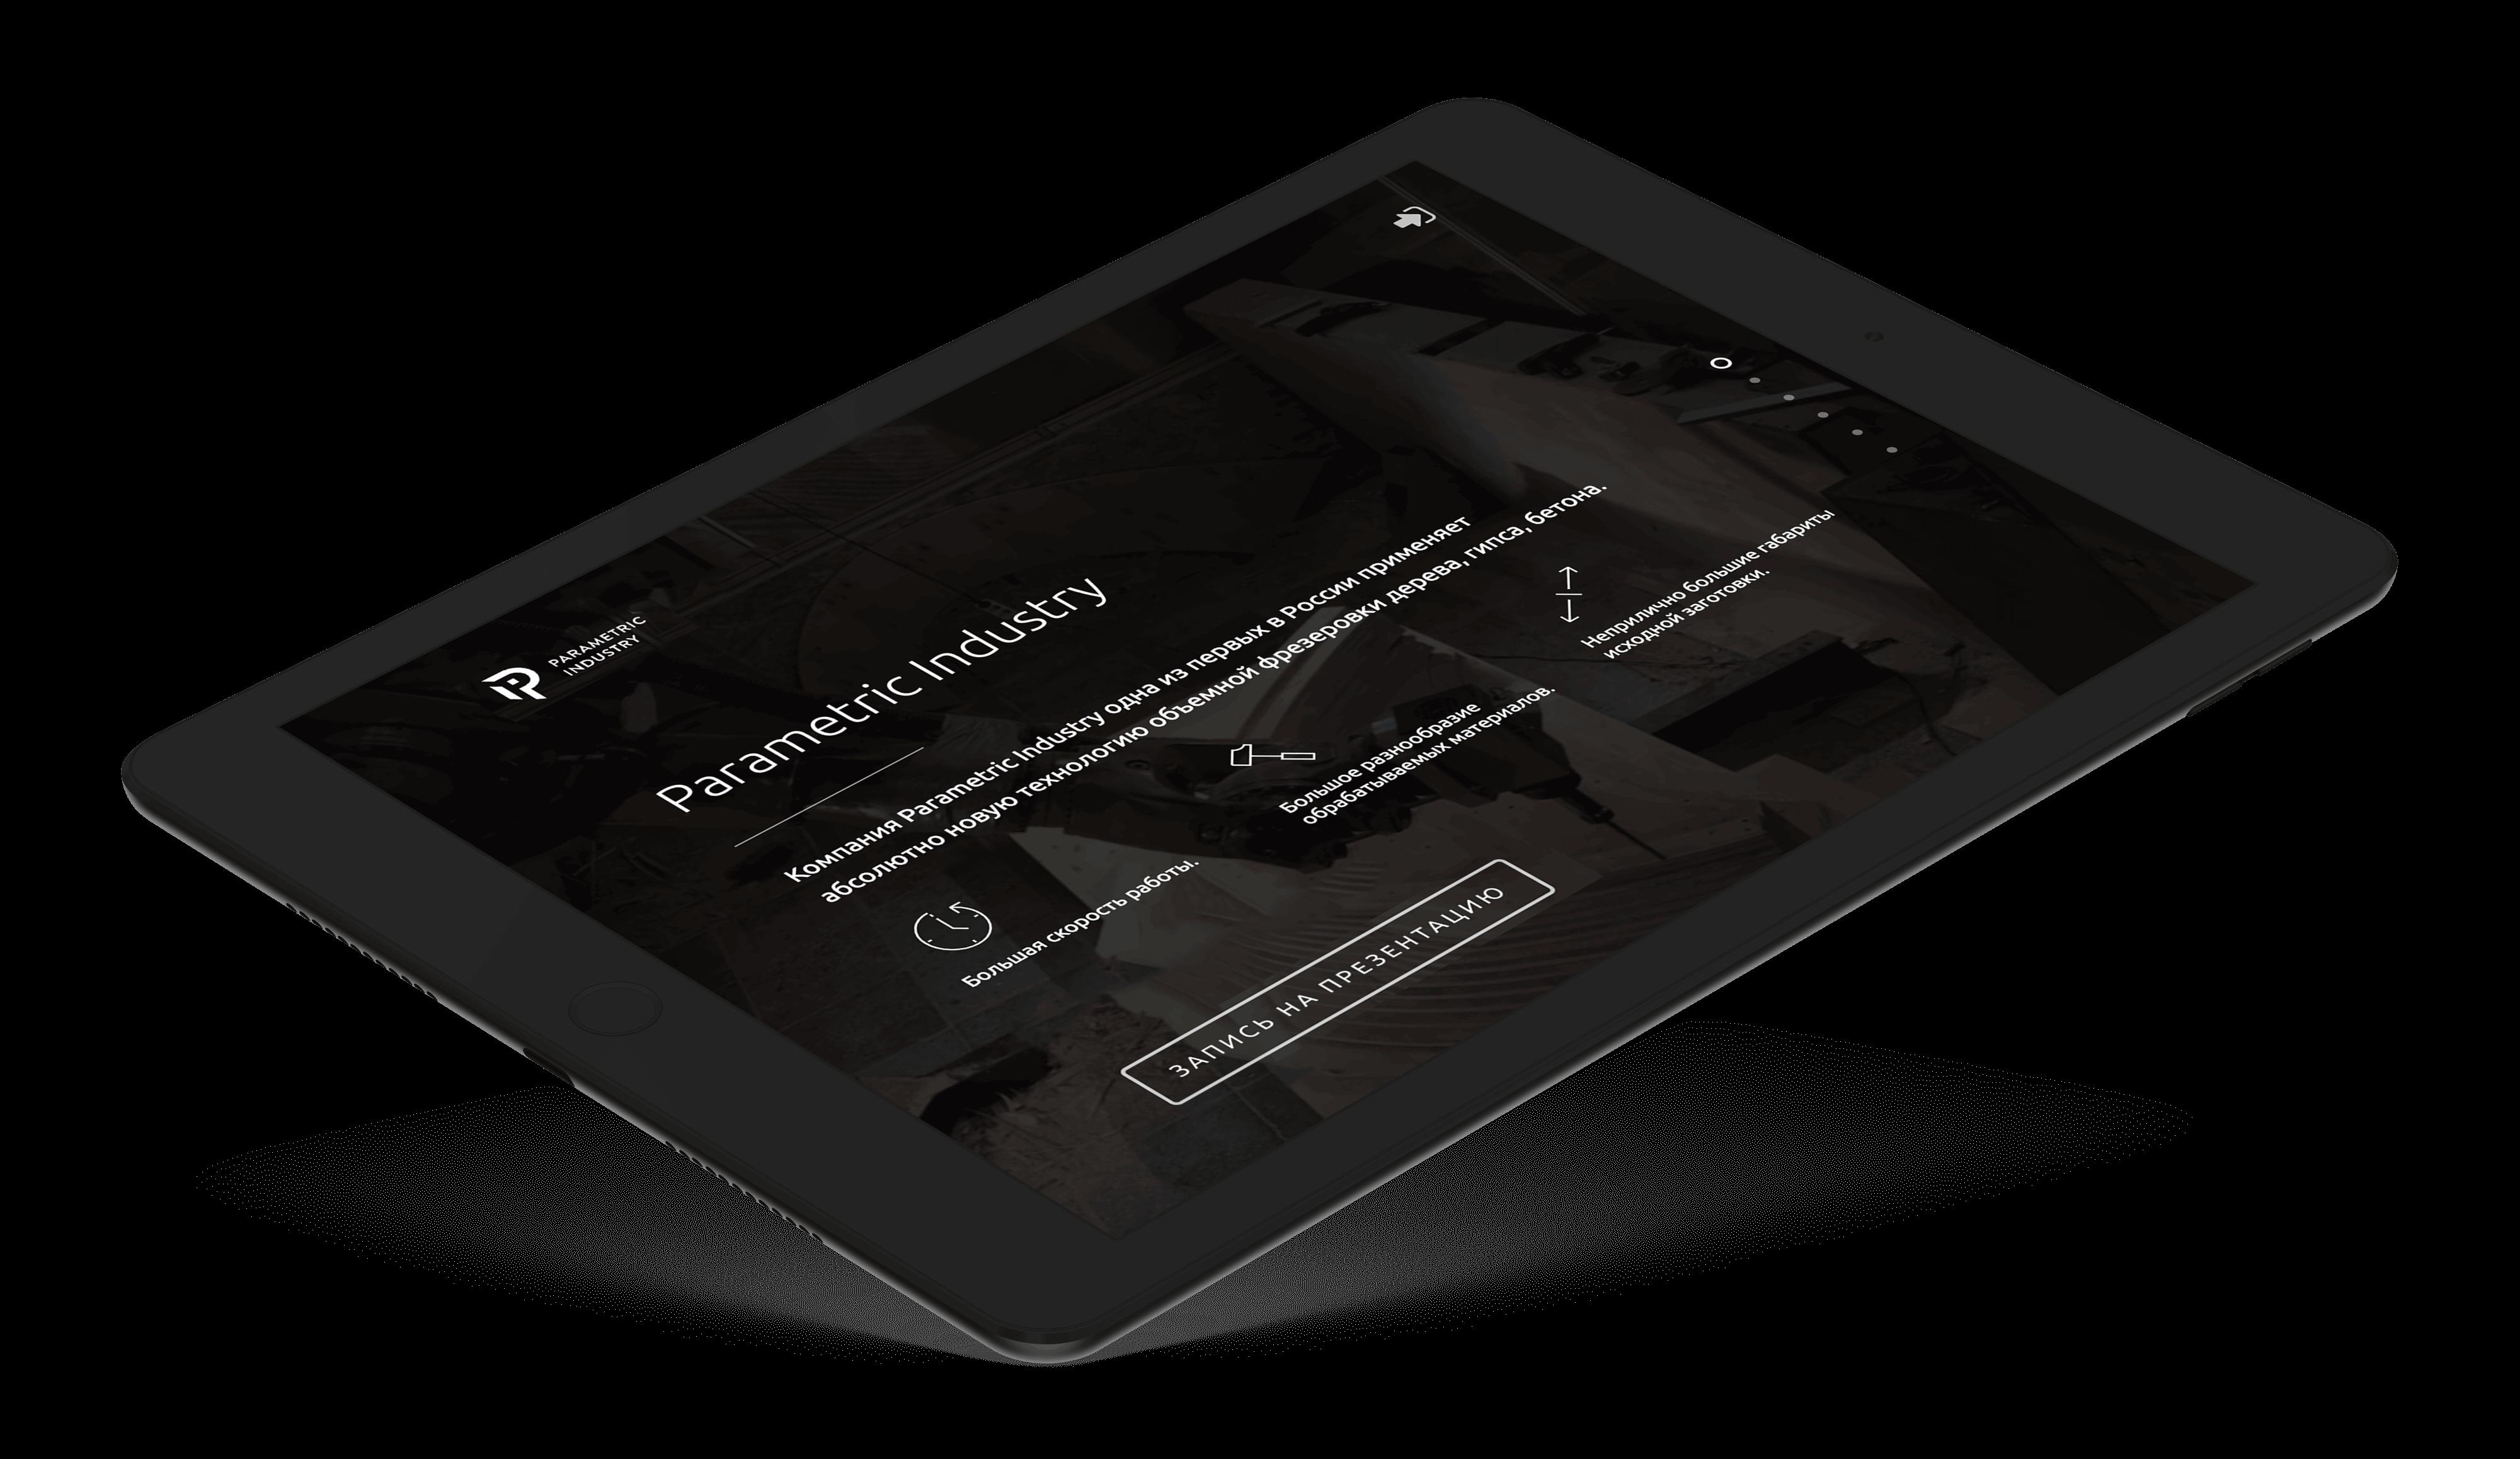 По заказу клиента мы создали продающий сайт под ключ: разработка сайта компании – одна из специализаций нашего креативного агентства